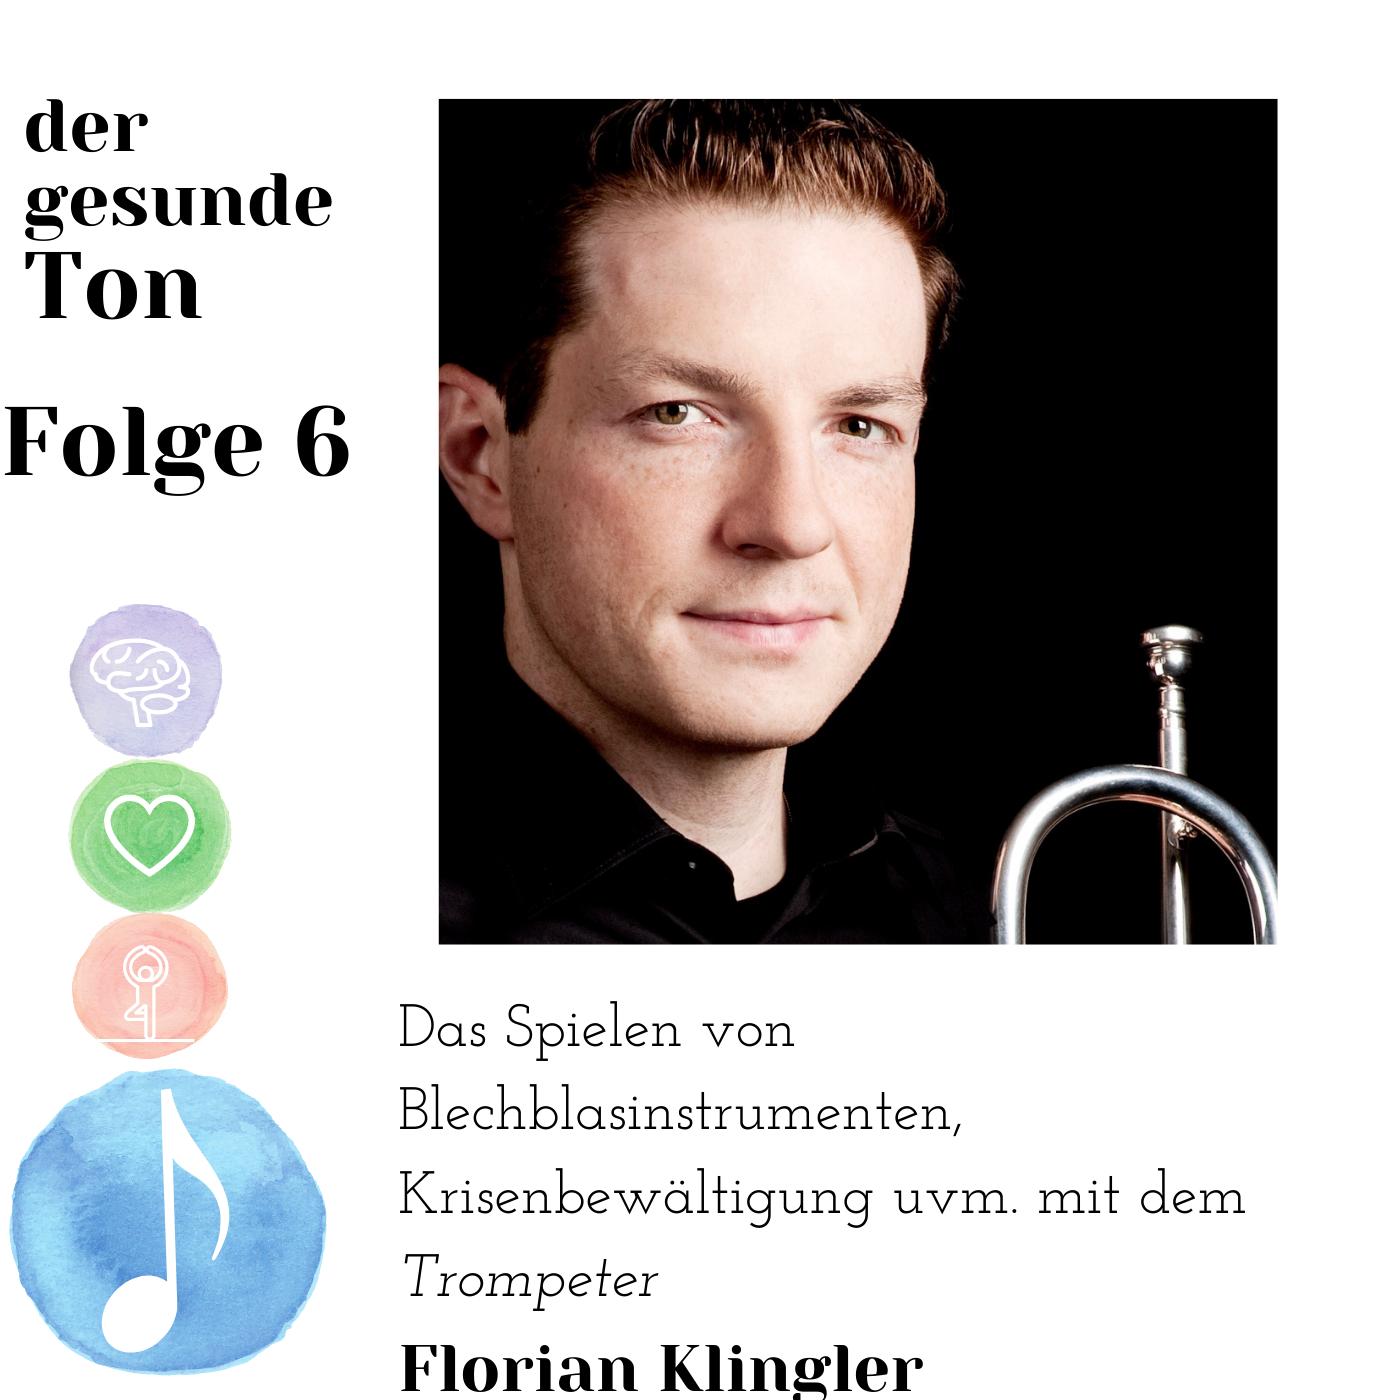 Das Spielen von Blechblasinstrumenten, Krisenbewältigung uvm. mit dem Trompeter Florian Klingler